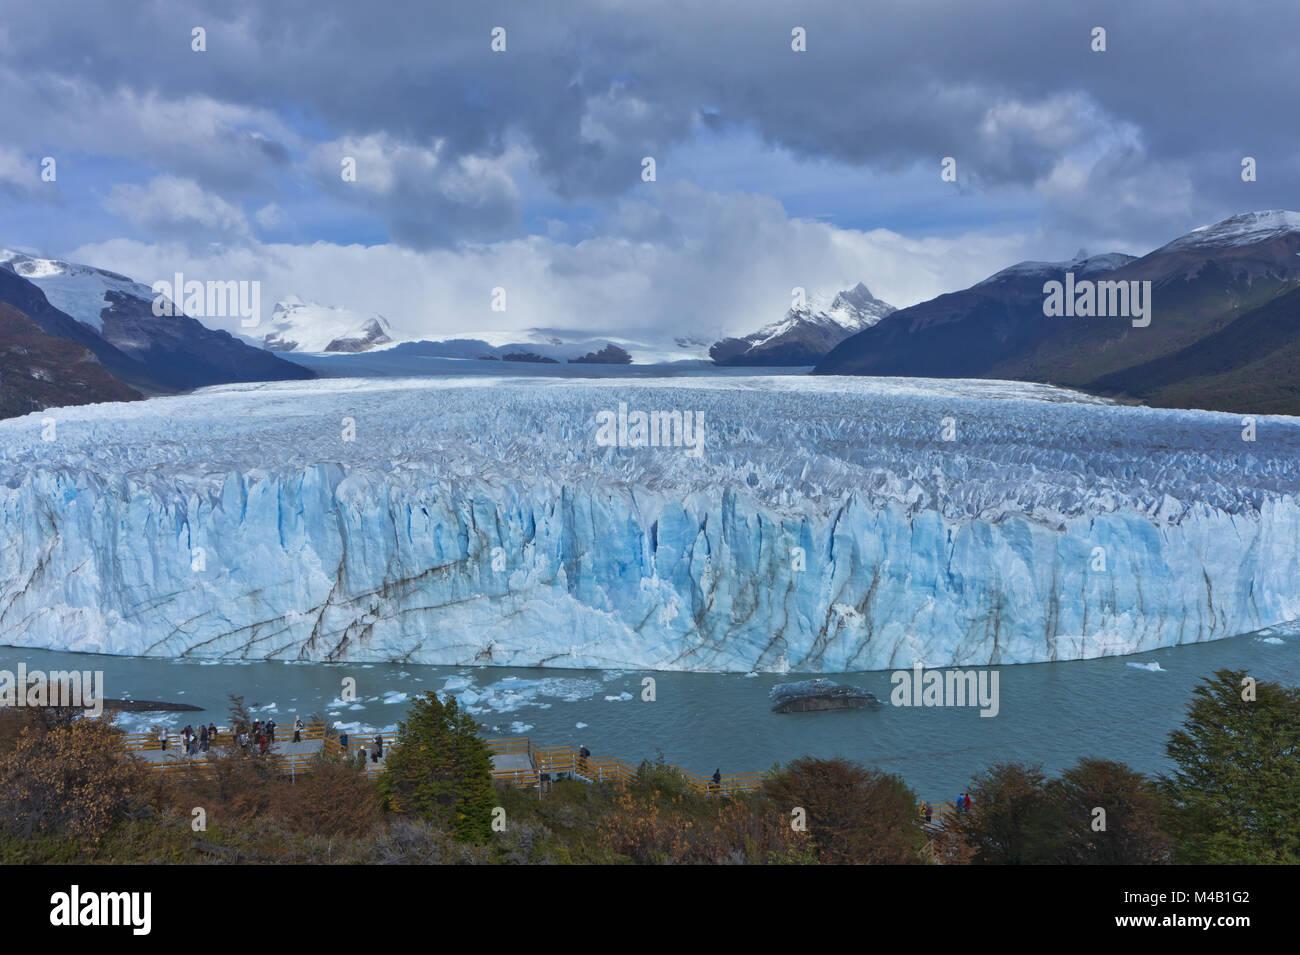 Glacier bleu, Patagonie, Argentine, Amérique du Sud Banque D'Images